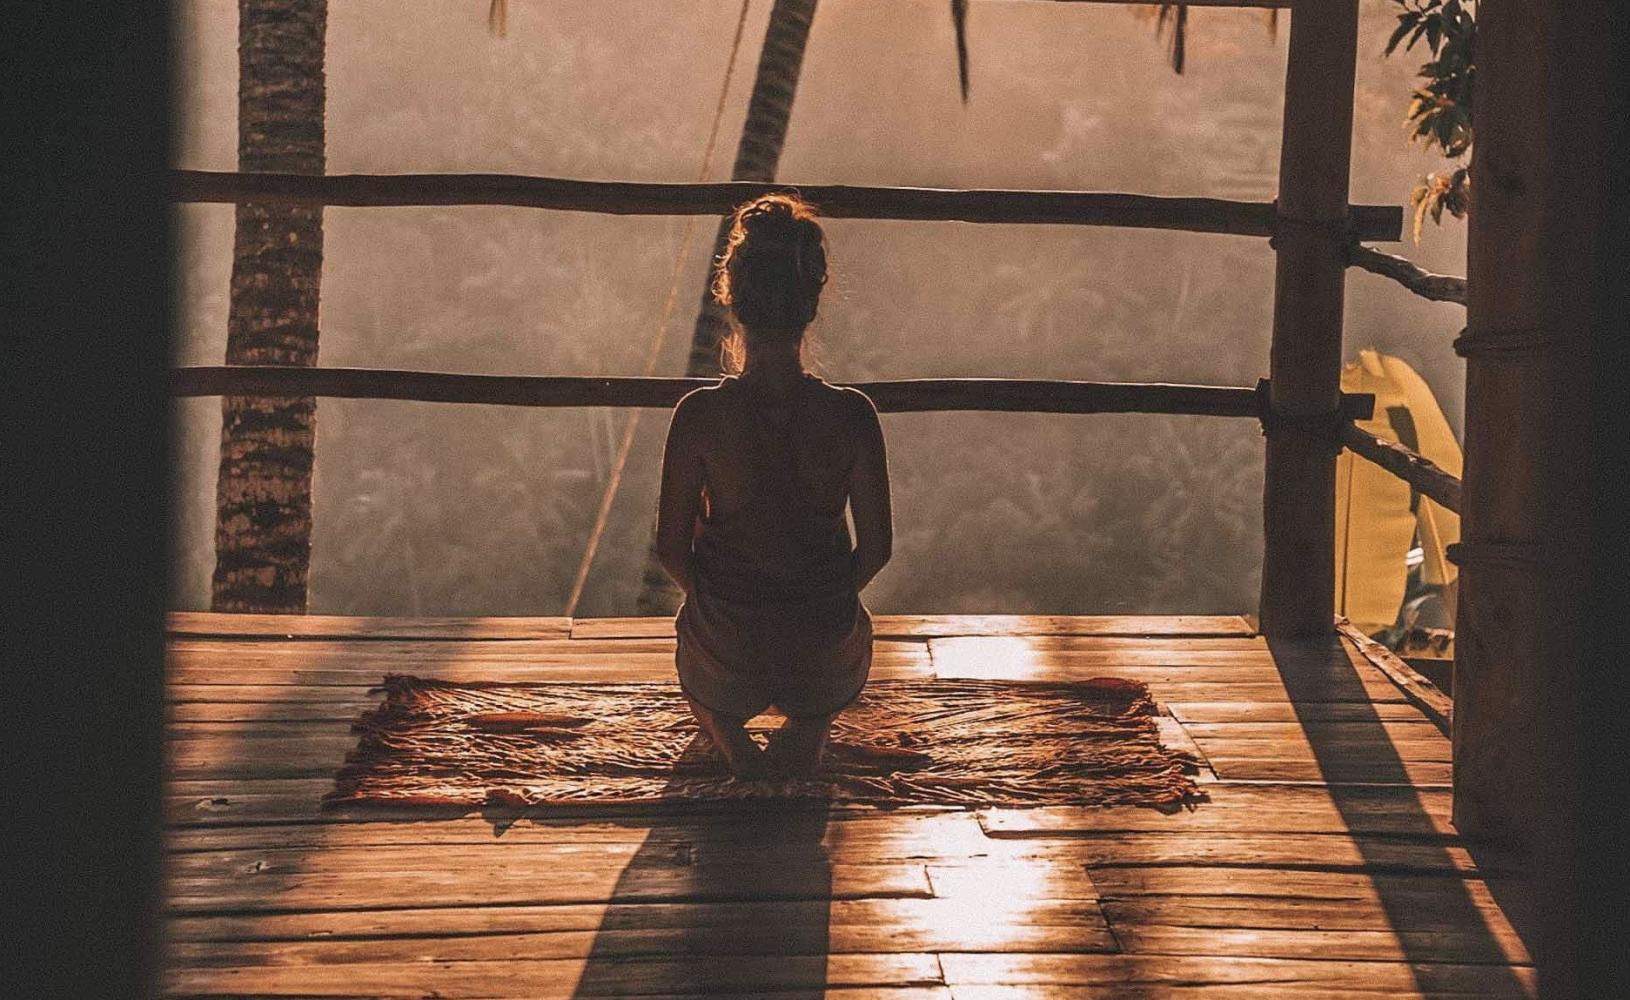 Ranní vstávání by mělo být pokud možno krásné a klidné